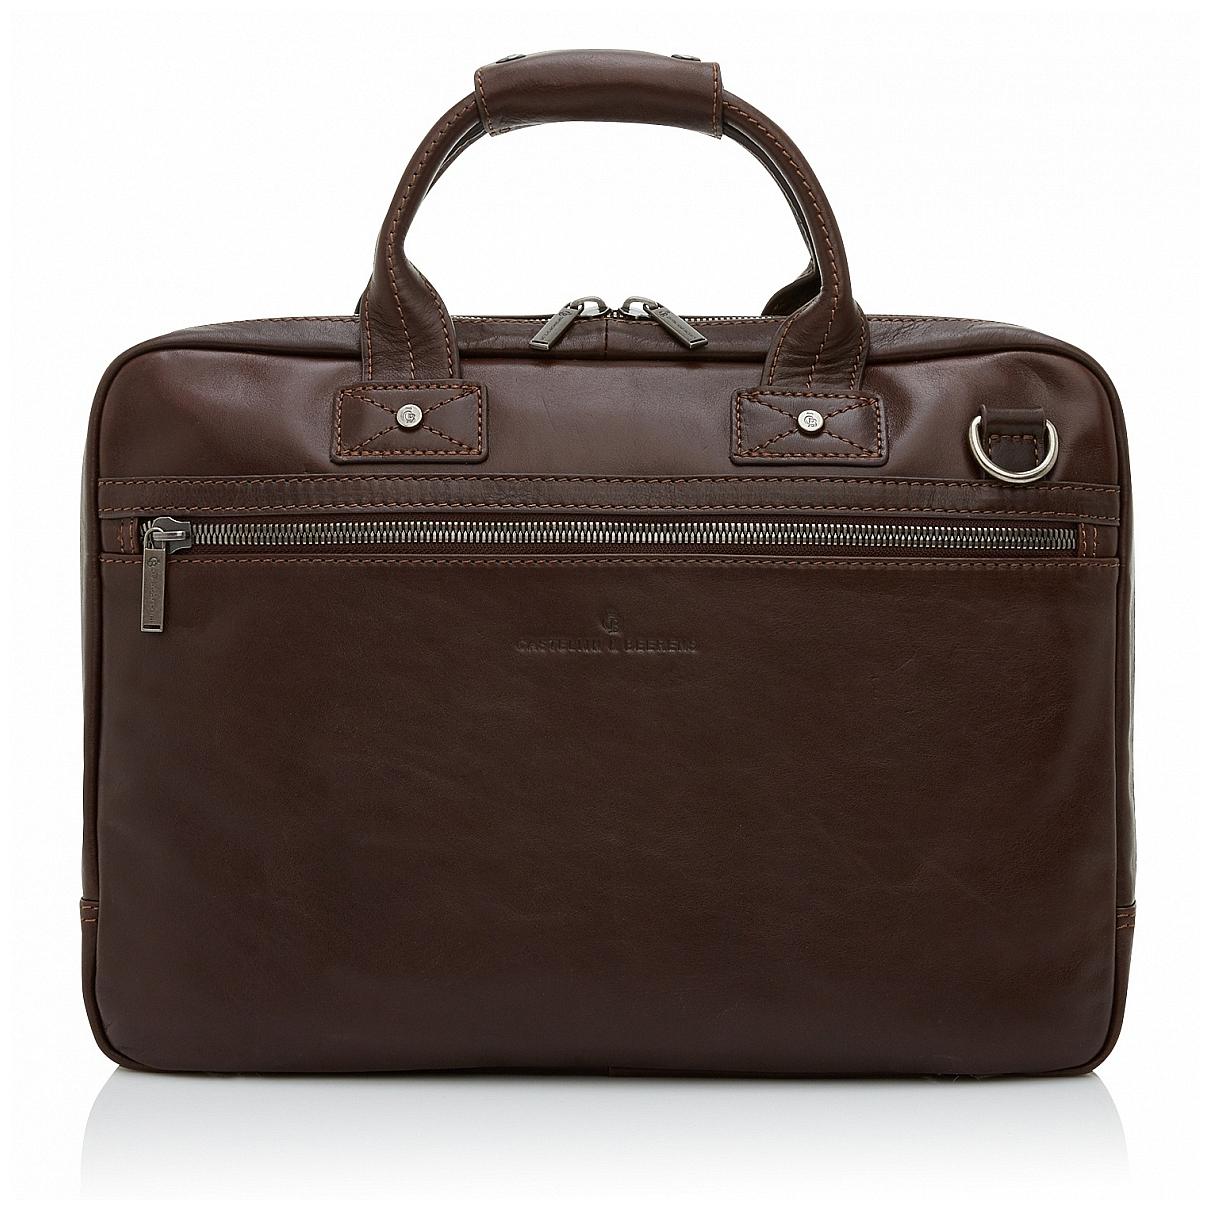 Castelijn & Beerens Pánská kožená taška na notebook 609472 hnědá